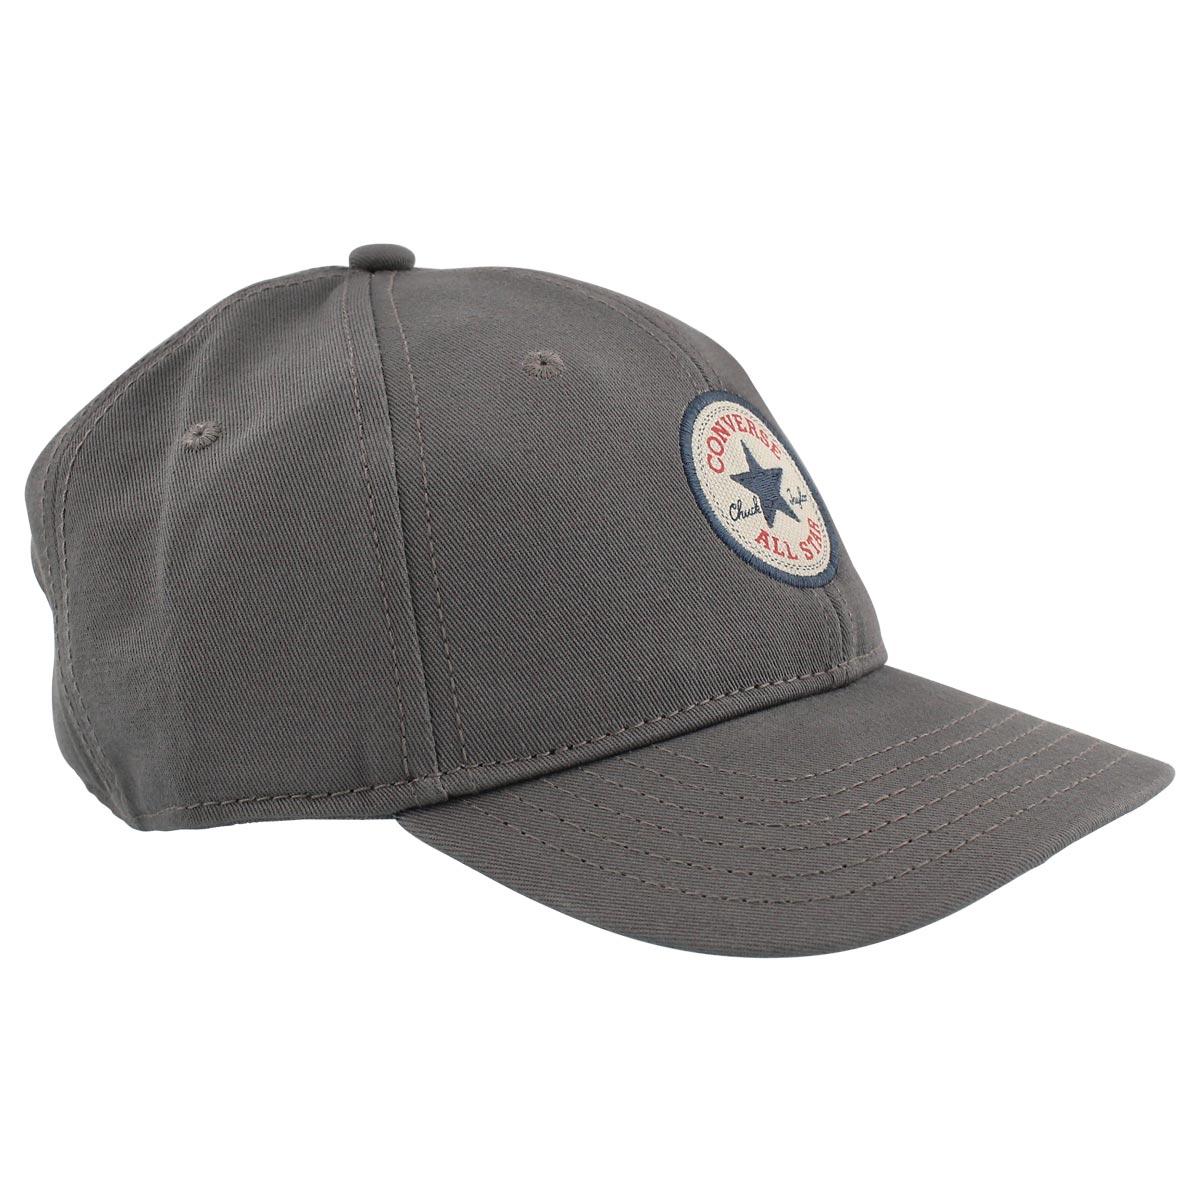 Lds Core char adjustable precurve cap